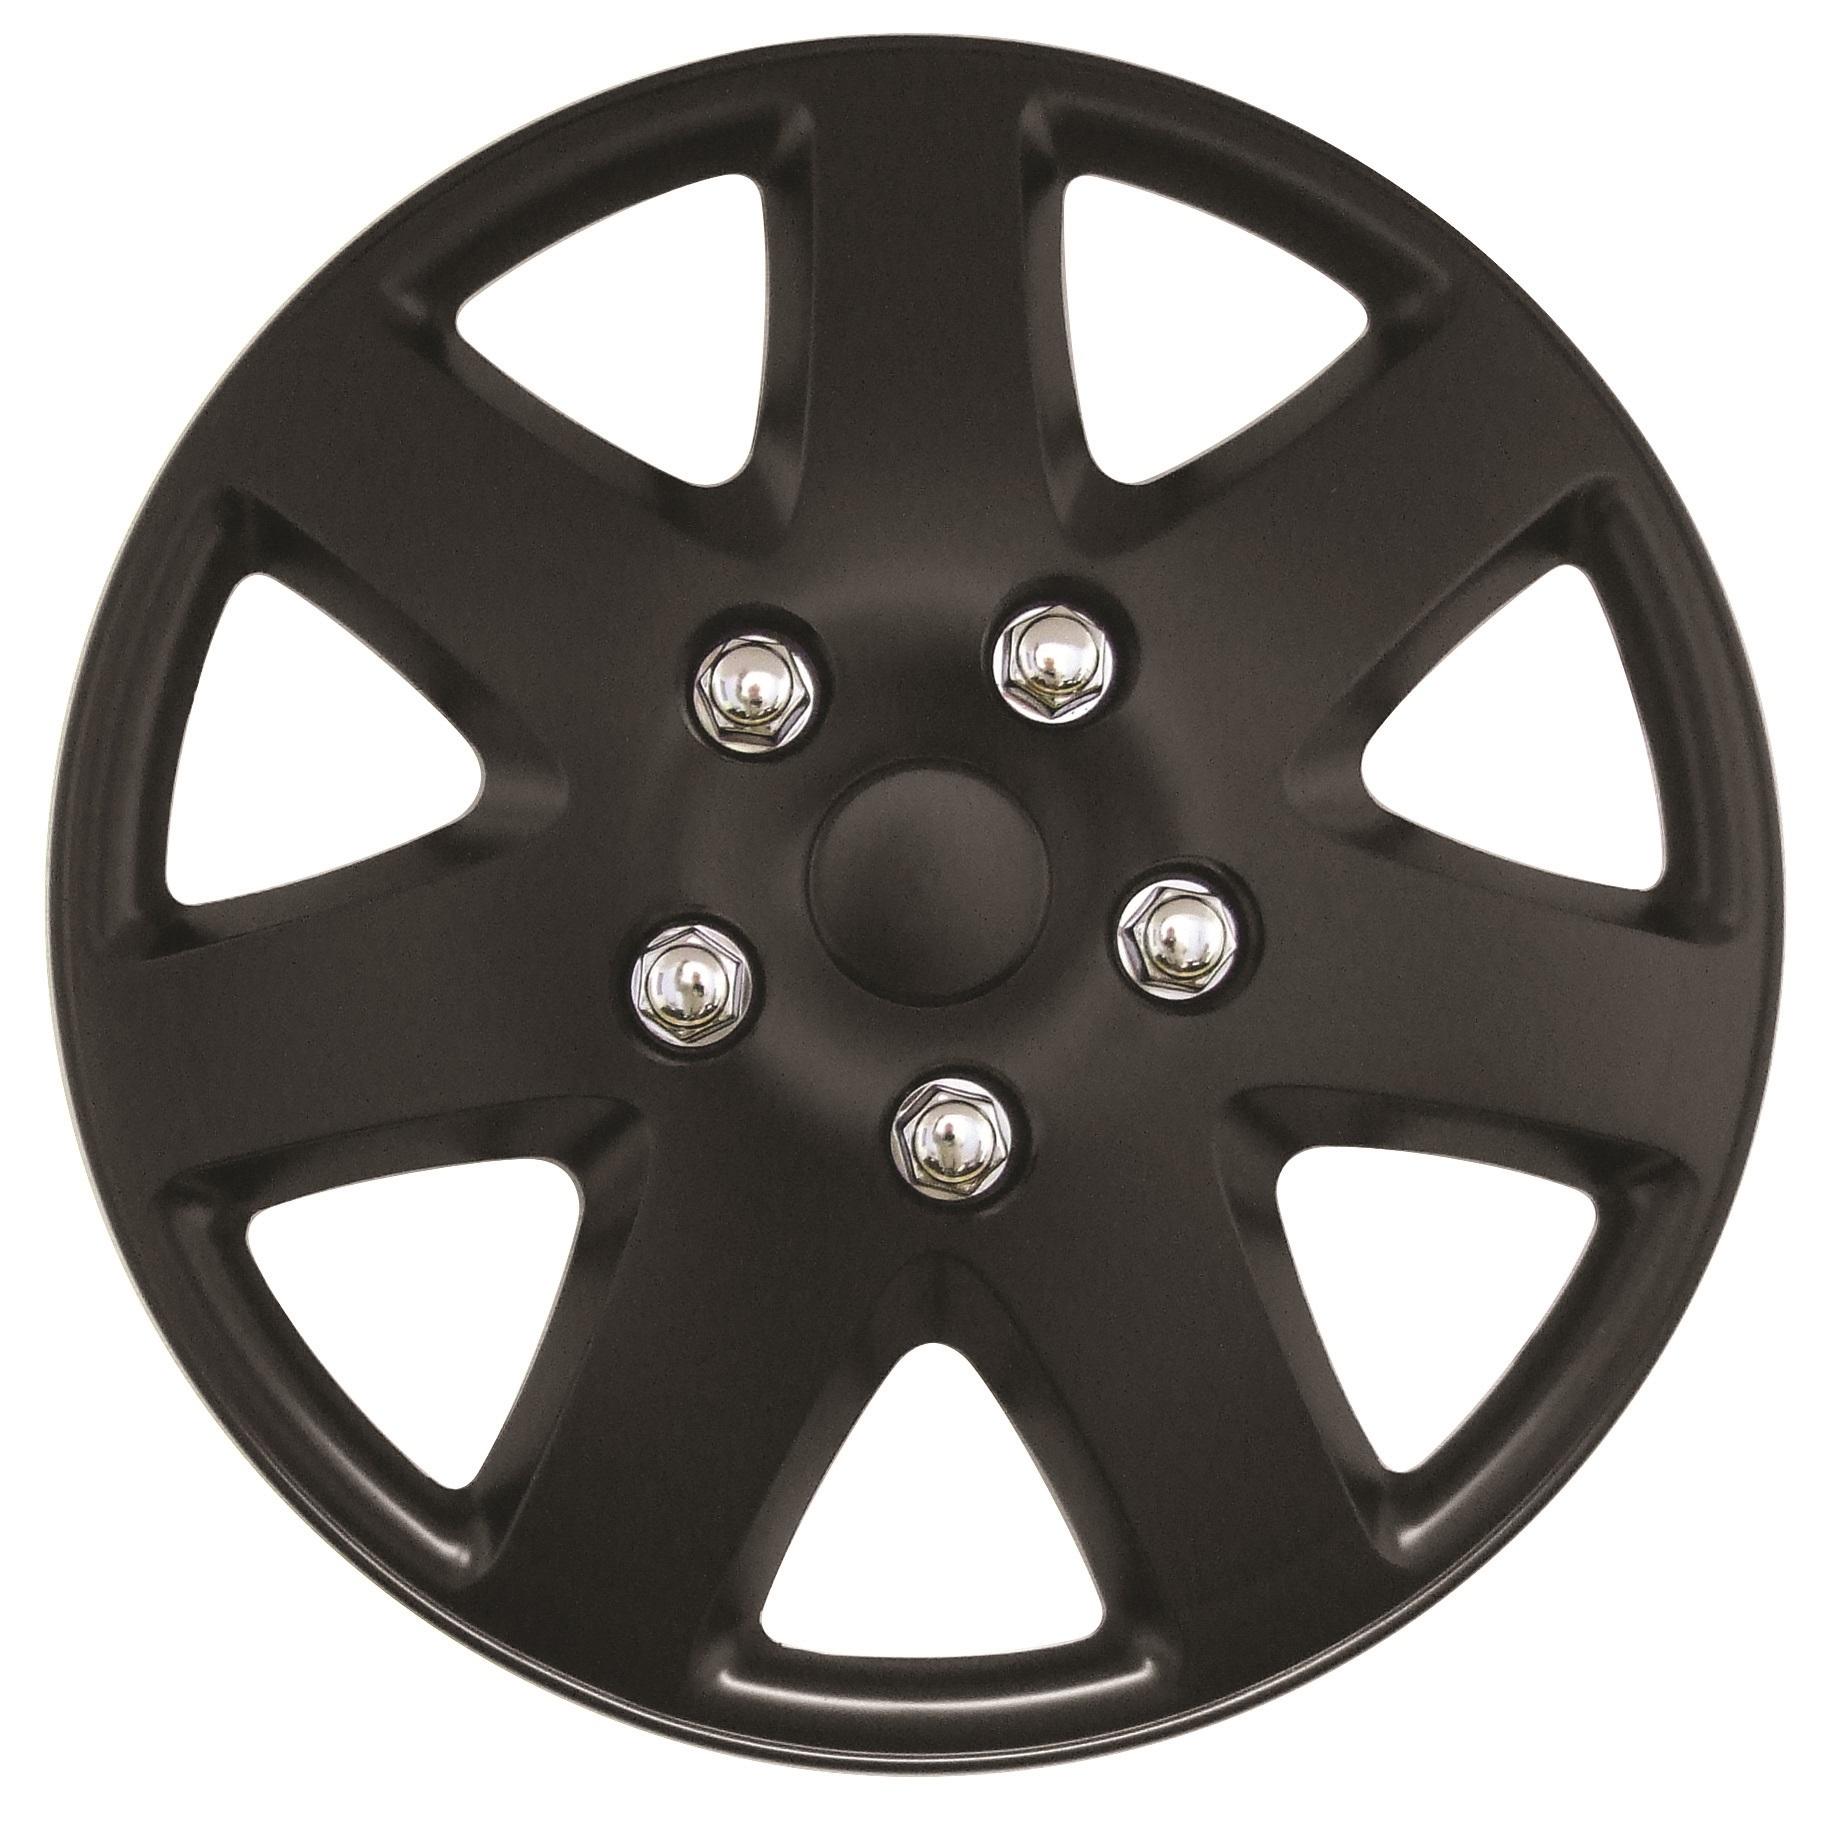 Details about Streetwize Tempest 15 Inch Wheel Trim Set Matt Black Set of 4 Hub Caps Covers